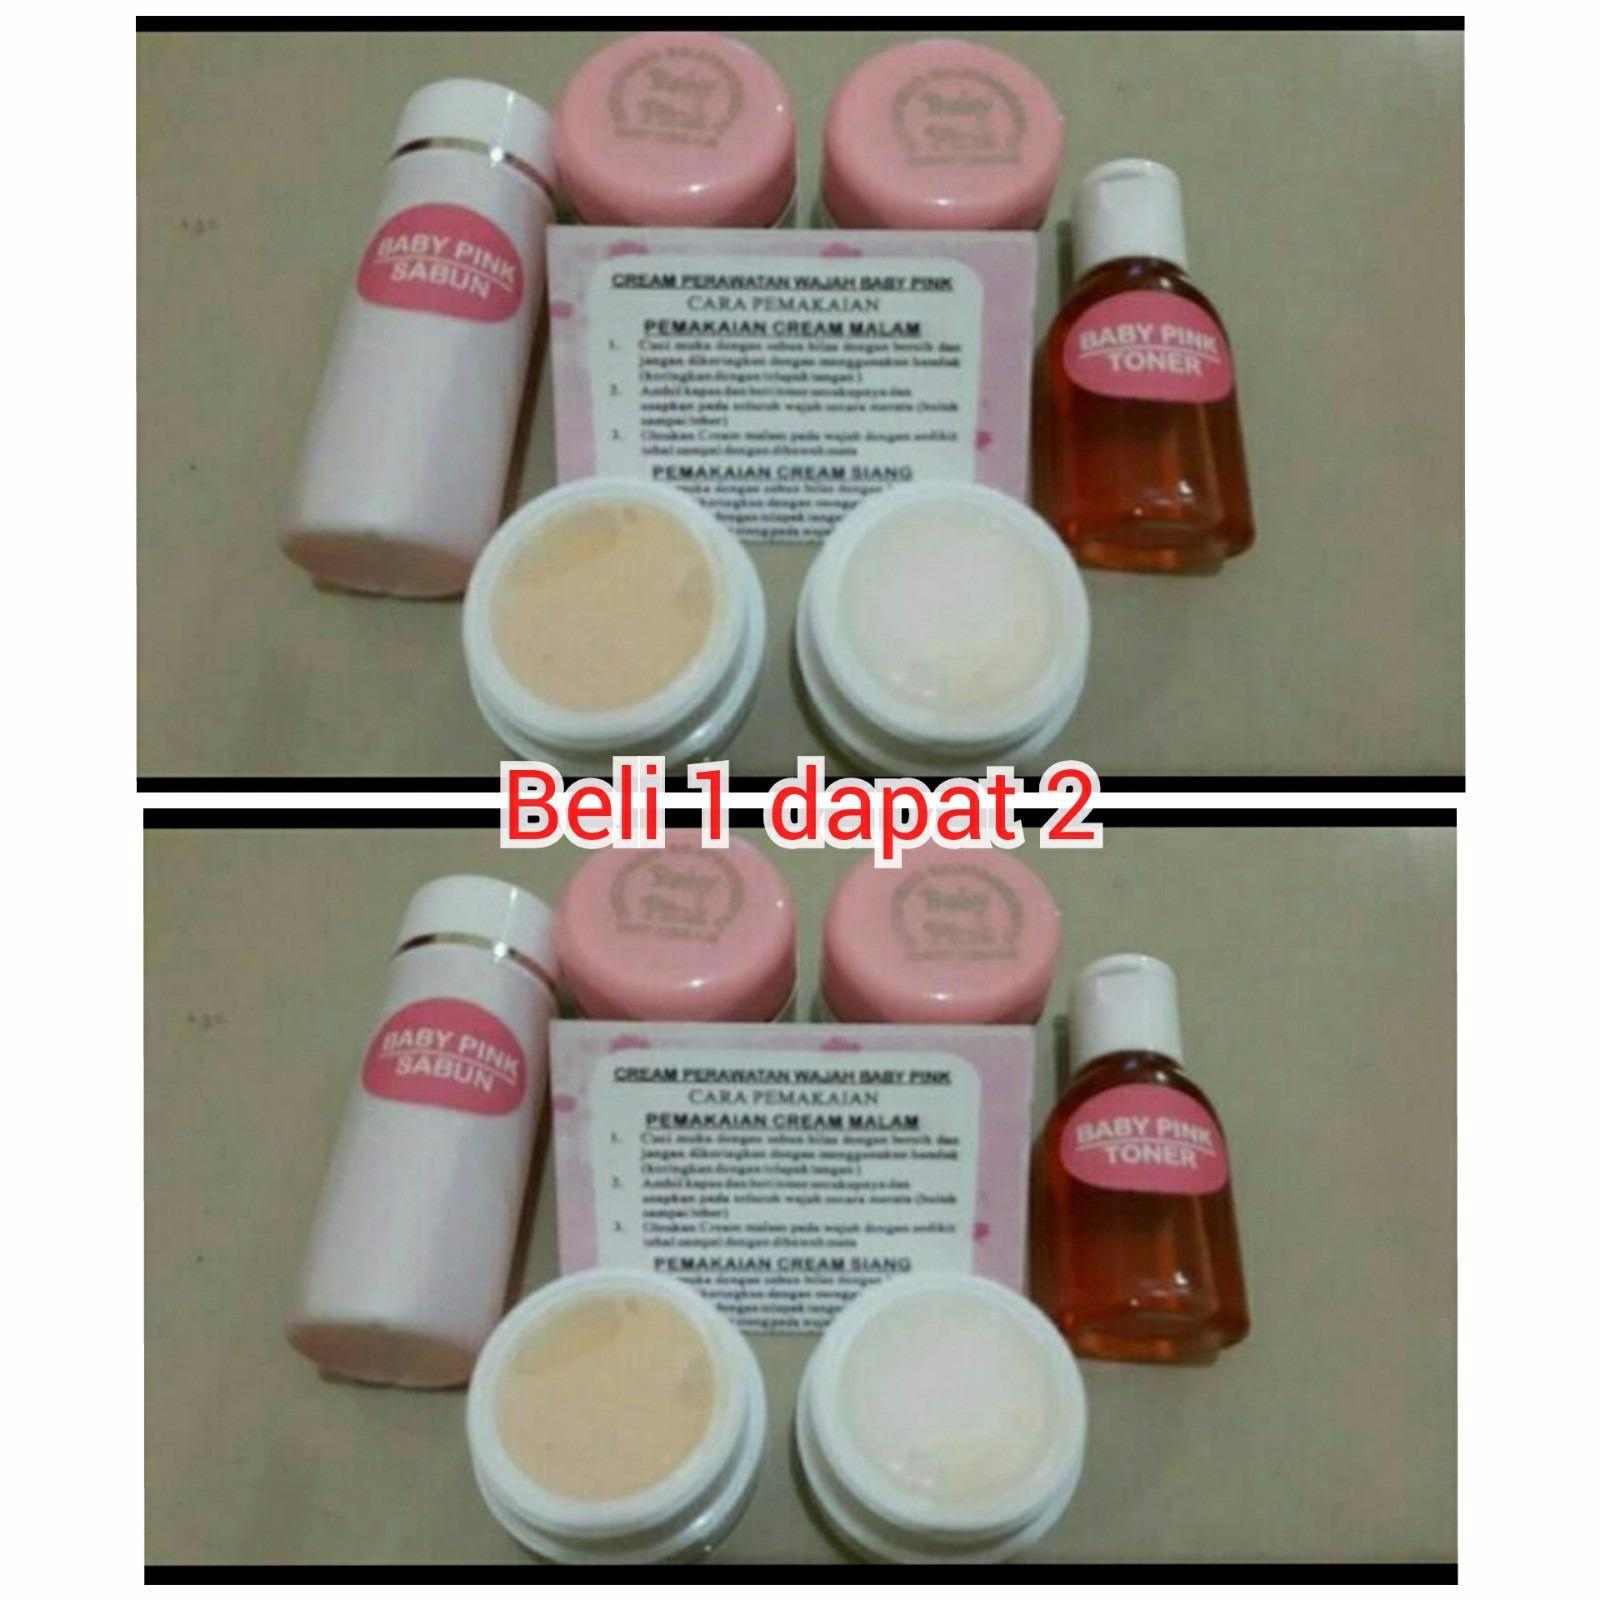 Toko Indonesia Perbandingan Harga Perawatan Kulit Oleskan 05 07 18 Tas Tile Paket Cream Hn Theraskin Baby Pink Babypink Sucofindo Original Beli 1 Dapat 2